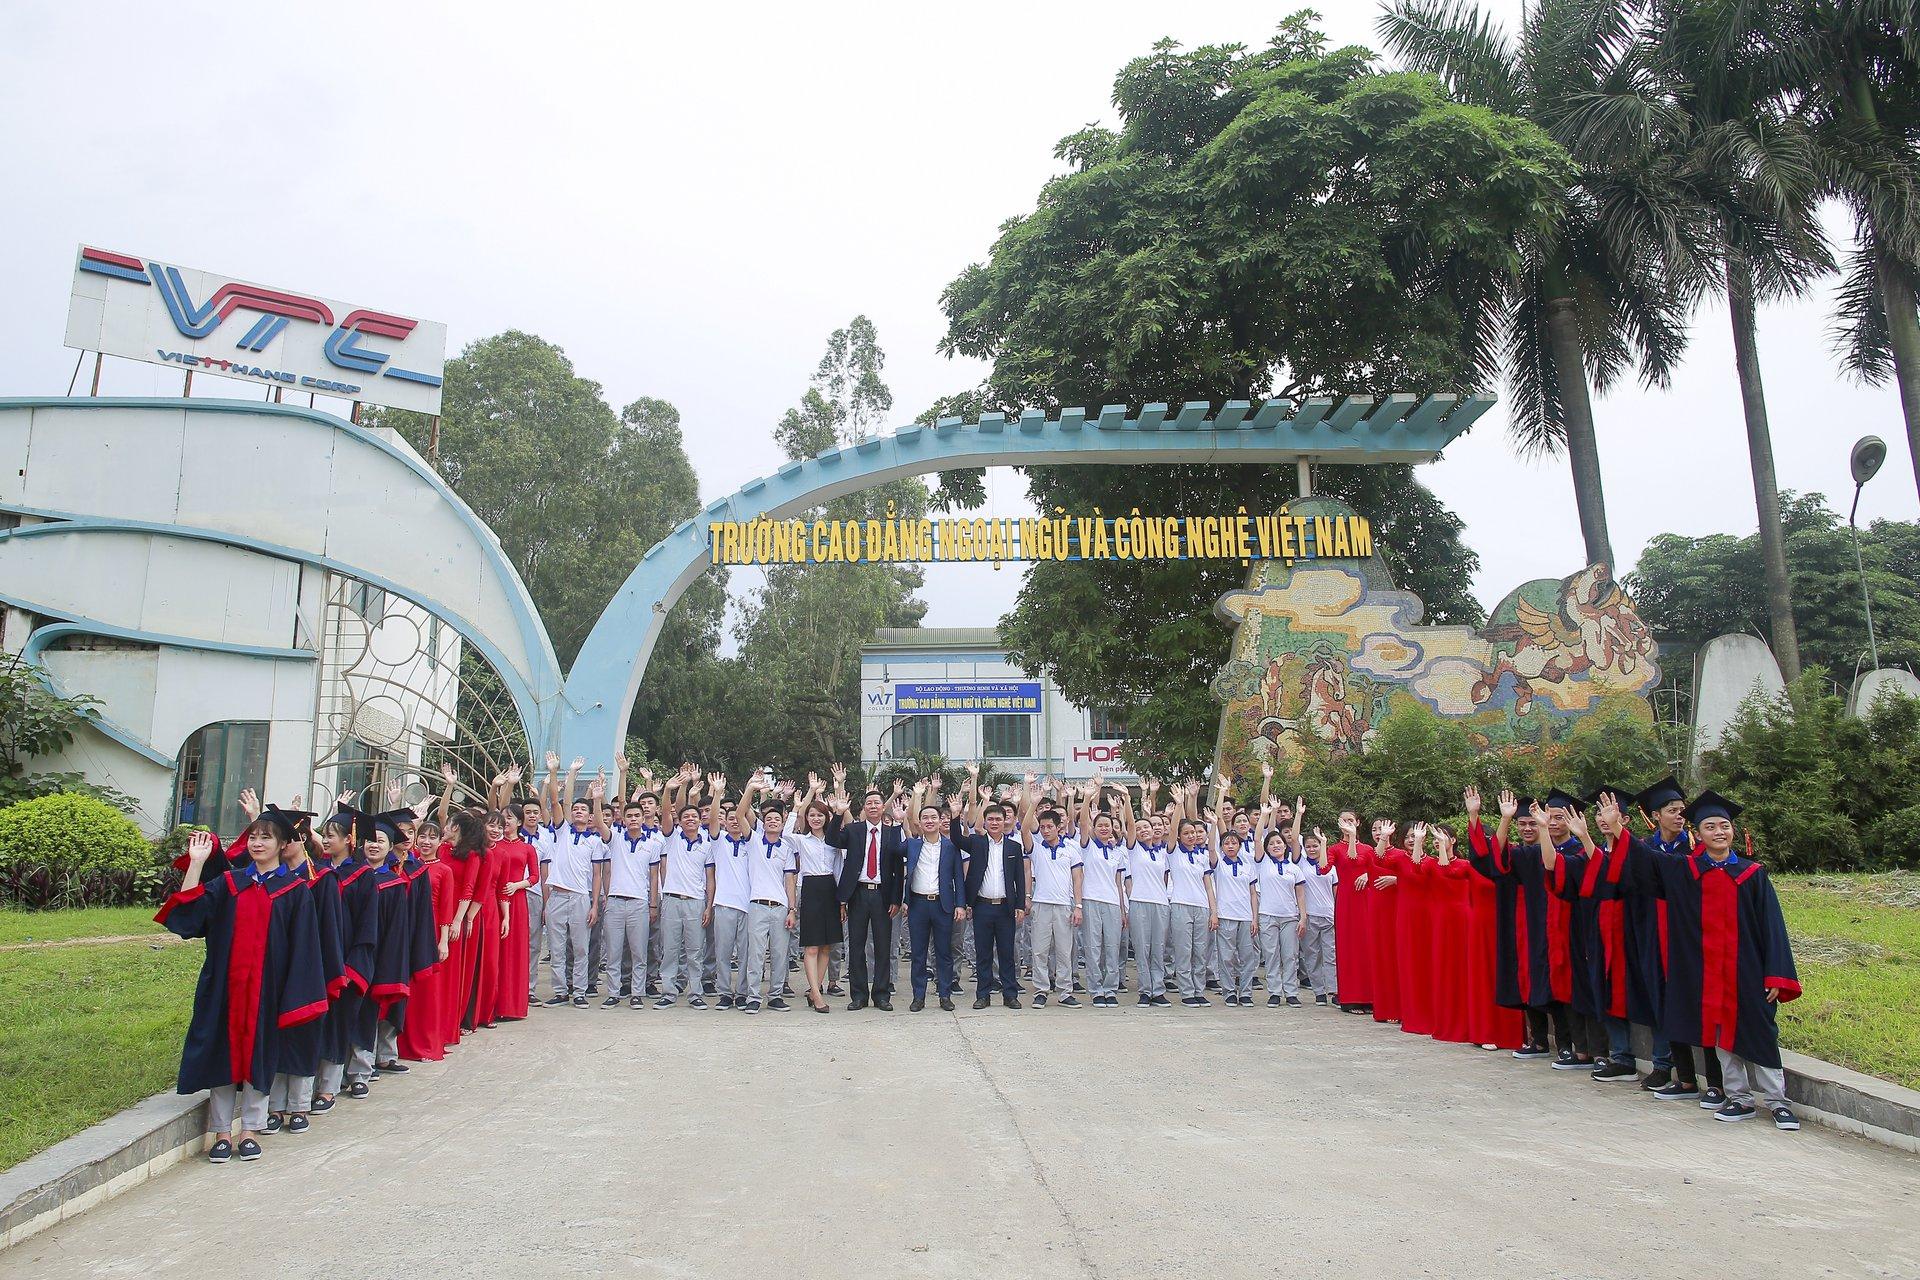 học văn bằng 2 cao đẳng tiếng Anh tại trường Cao đẳng Ngoại Ngữ và Công Nghệ Việt Nam